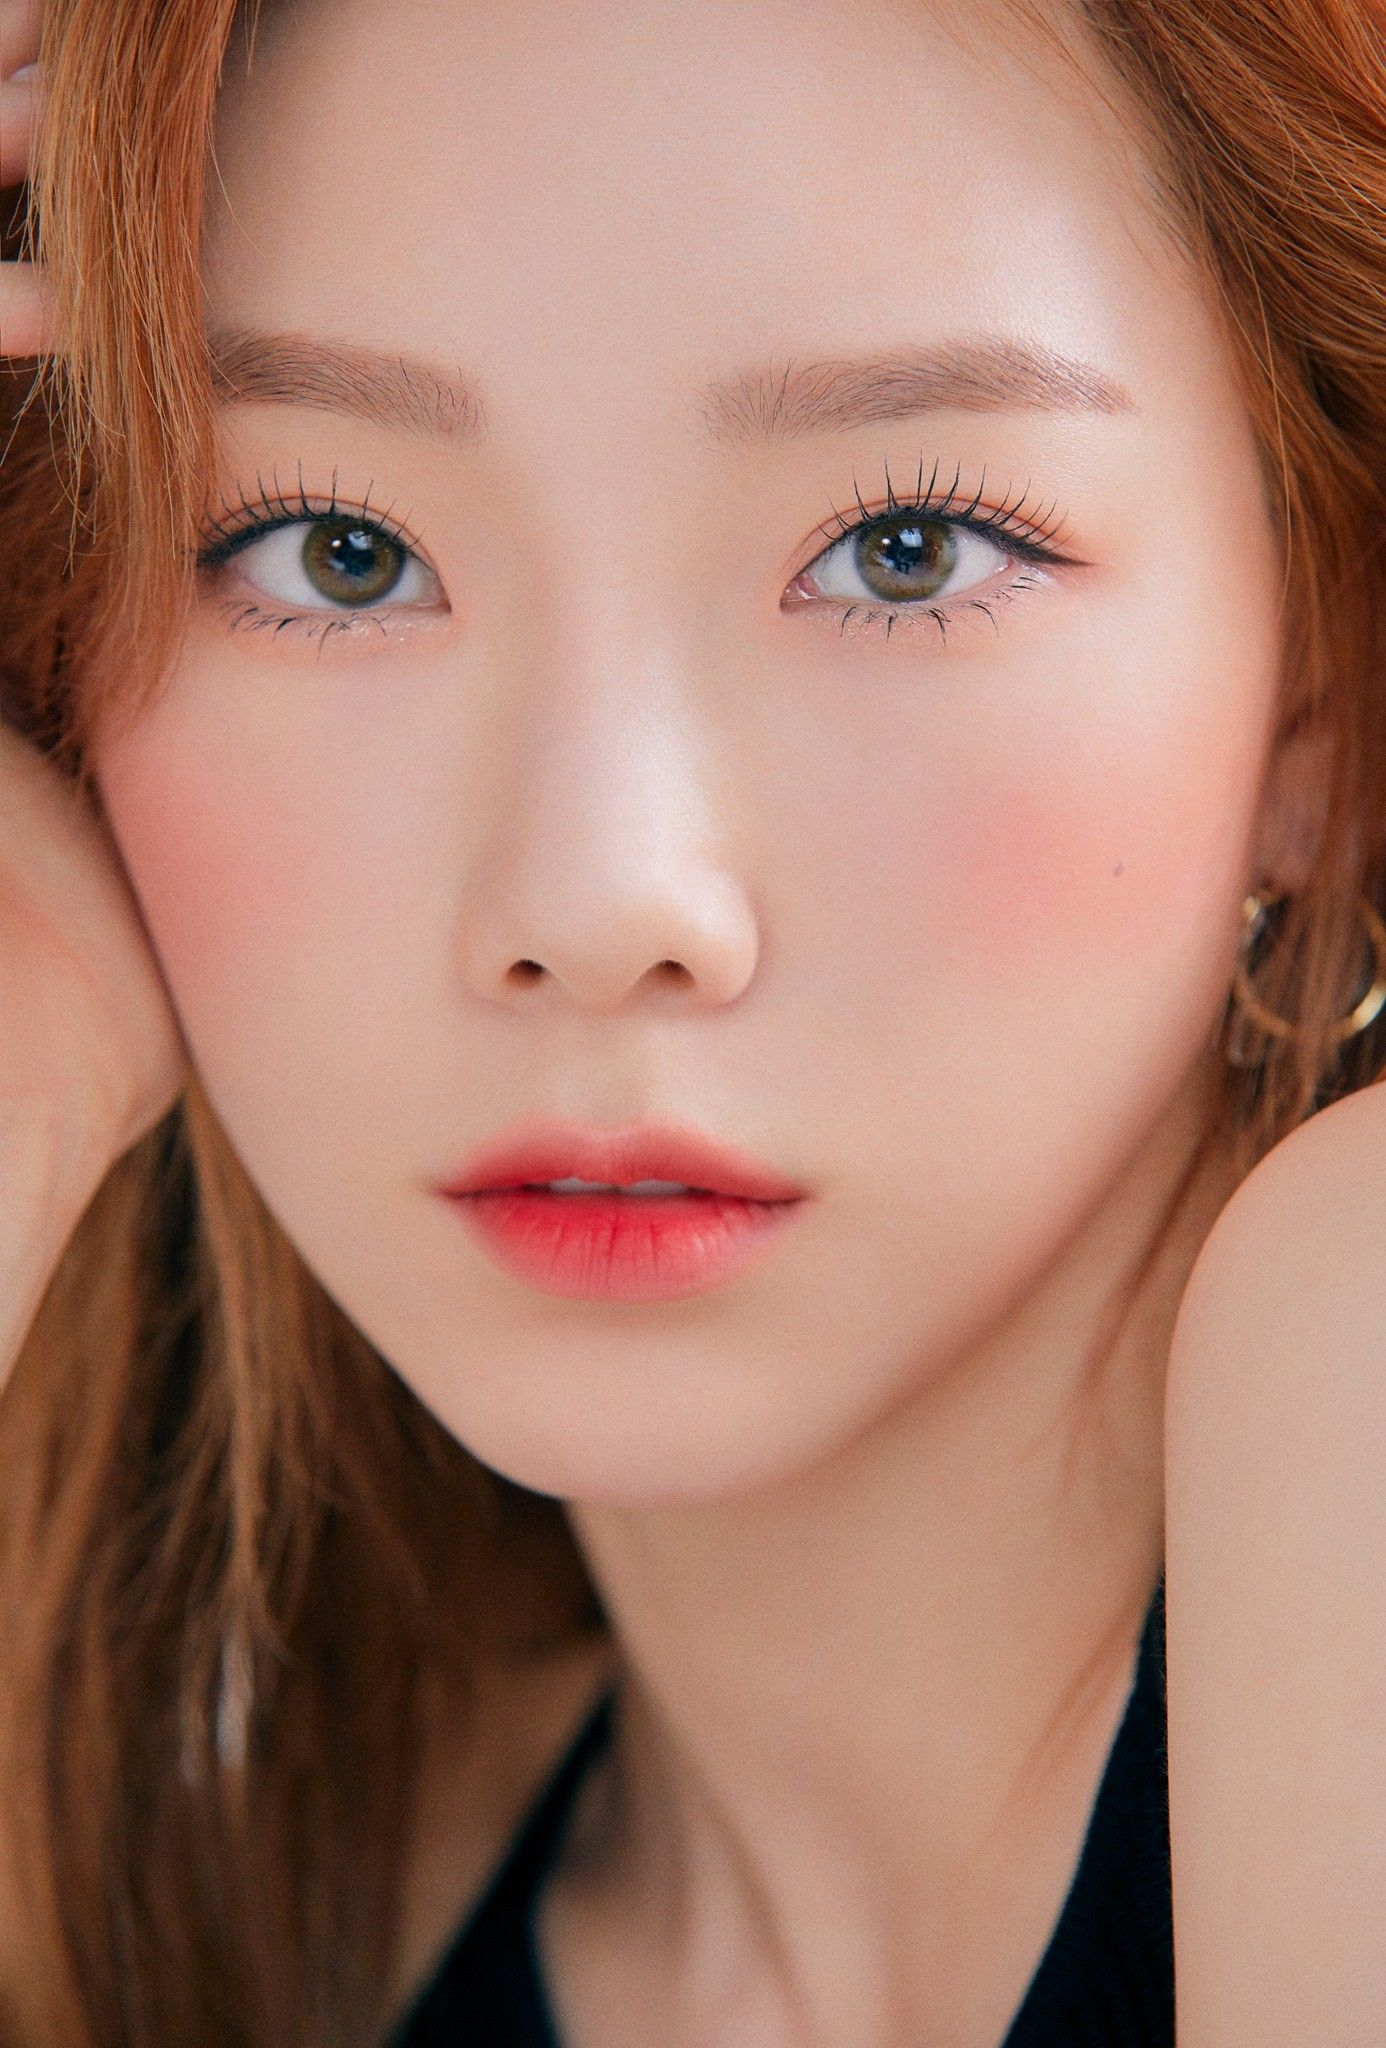 Pin Oleh Deejay Di Ty Di 2020 Riasan Wajah Girls Generation Wajah